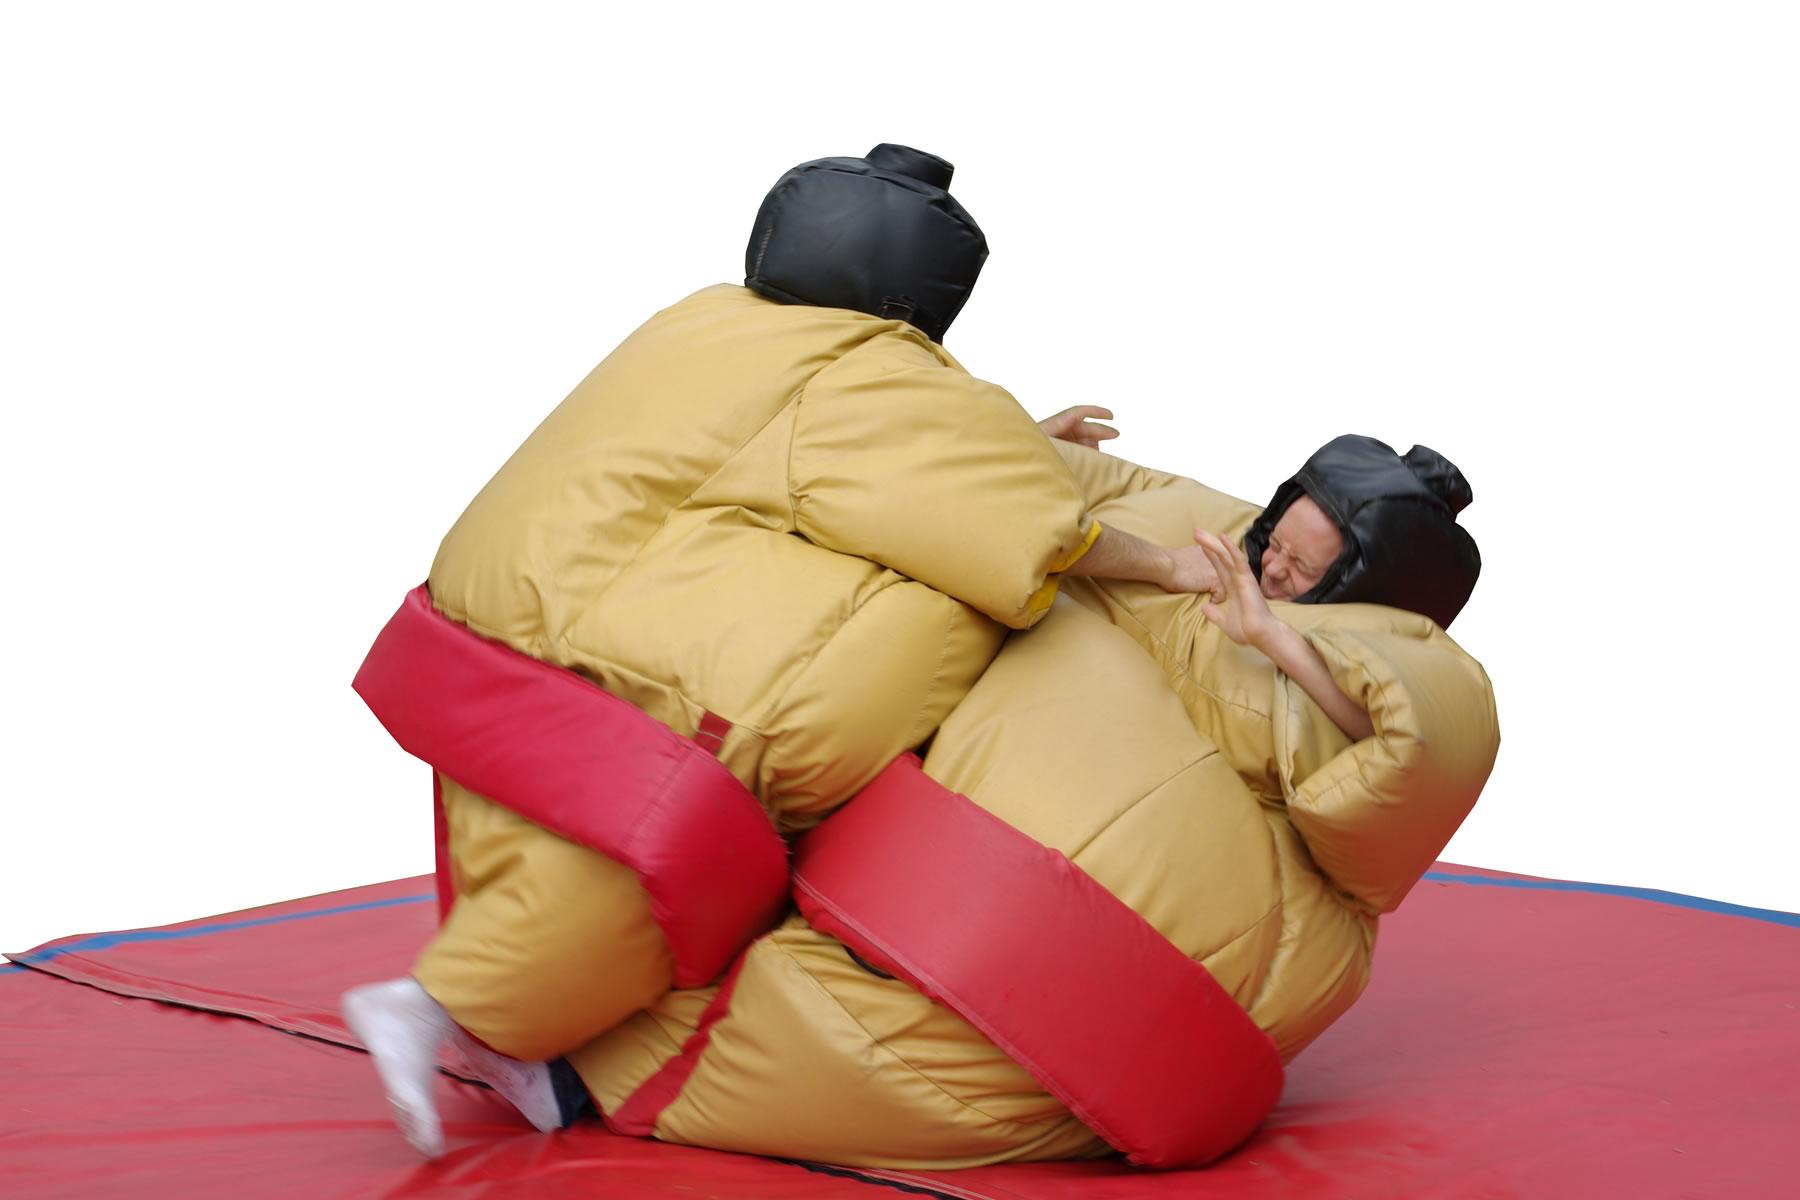 Kruipen jij en tegenstander in het lichaam van een sumoworstelaar?